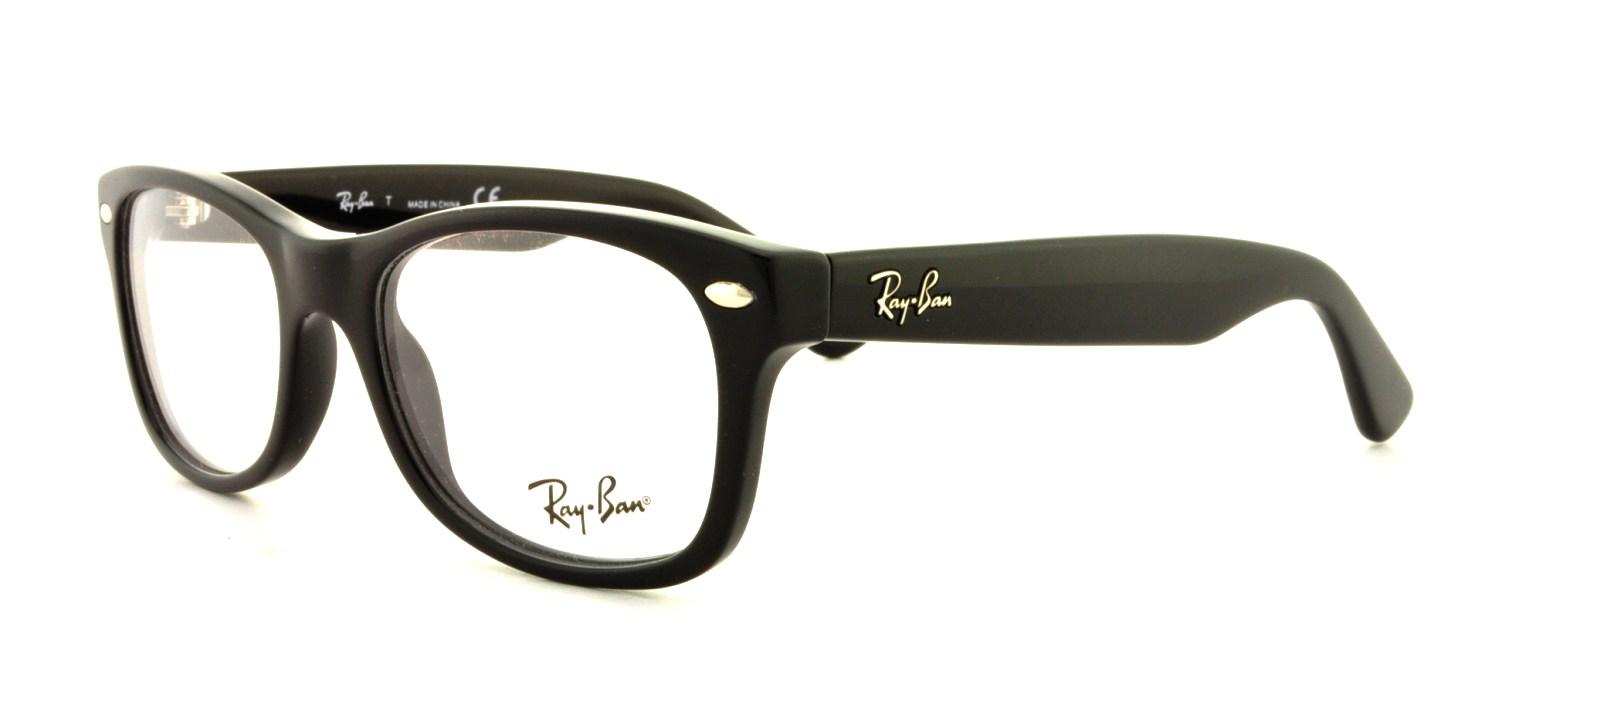 ccaf1edab8f Designer Frames Outlet. Ray Ban Jr RY1528